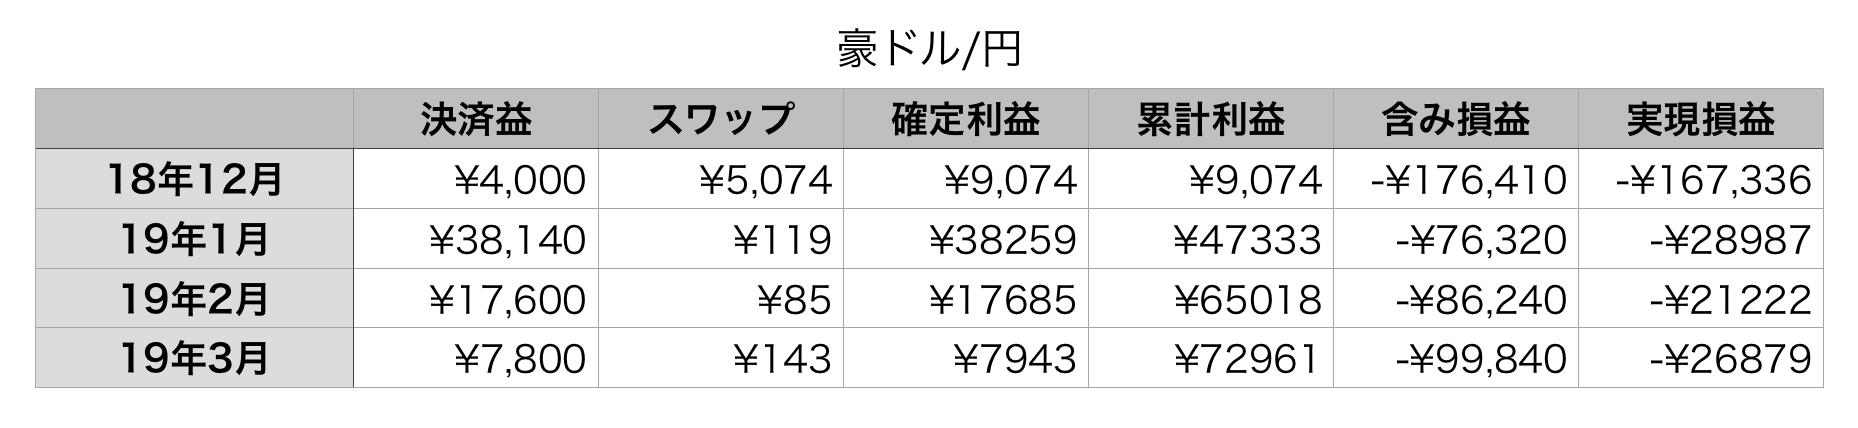 豪ドル/円トラリピ累計利益